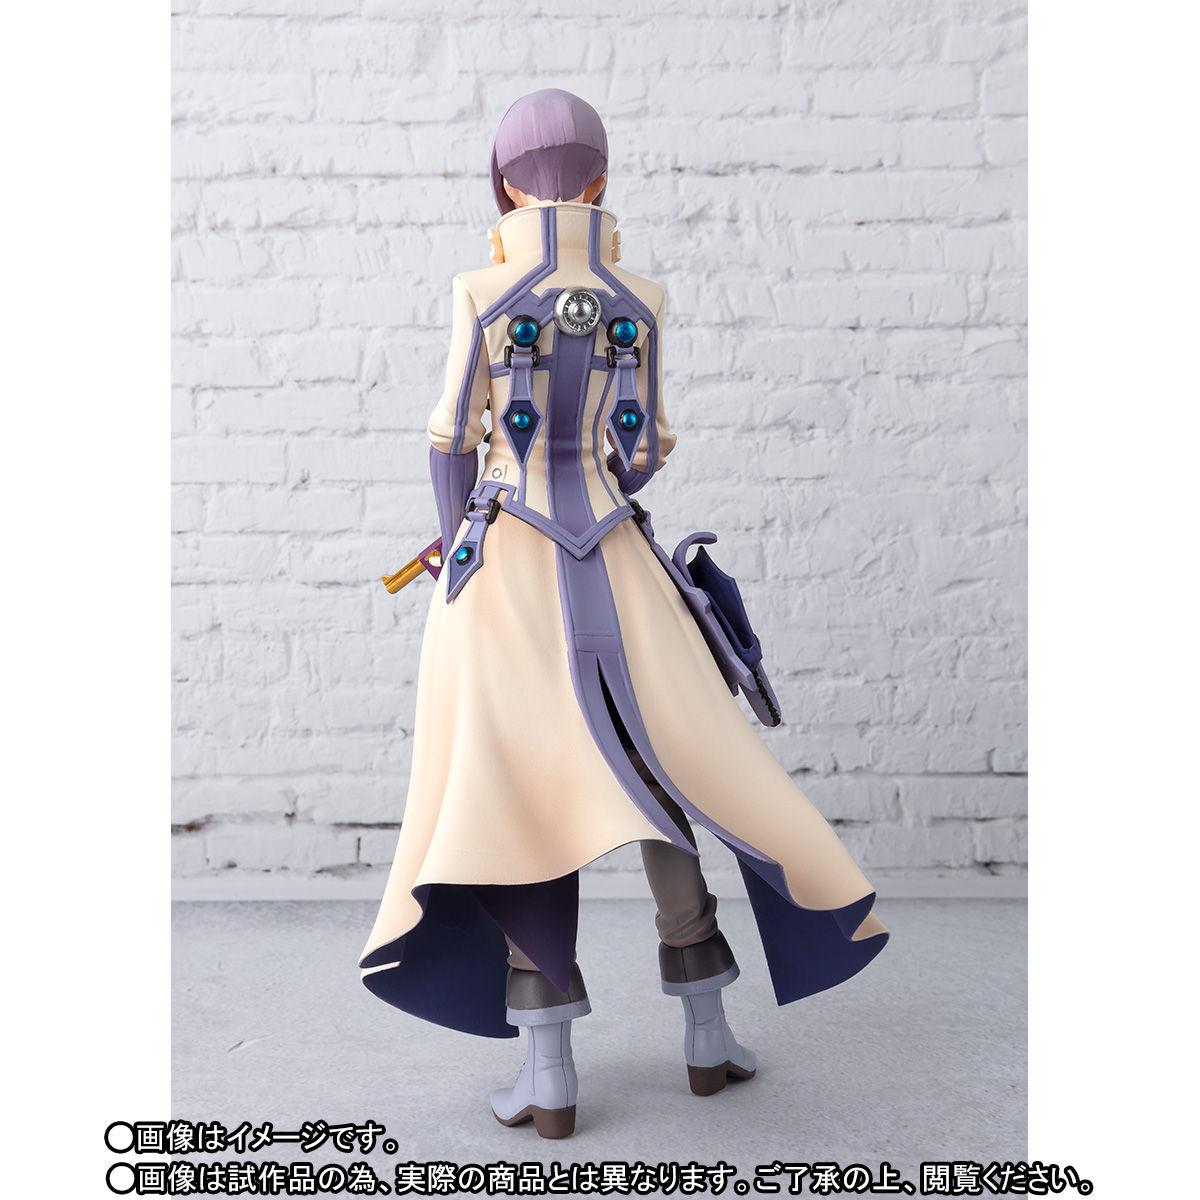 フィギュアーツZERO『キリル・ヴルーベリ』DOUBLE DECKER! ダグ&キリル 完成品フィギュア-003